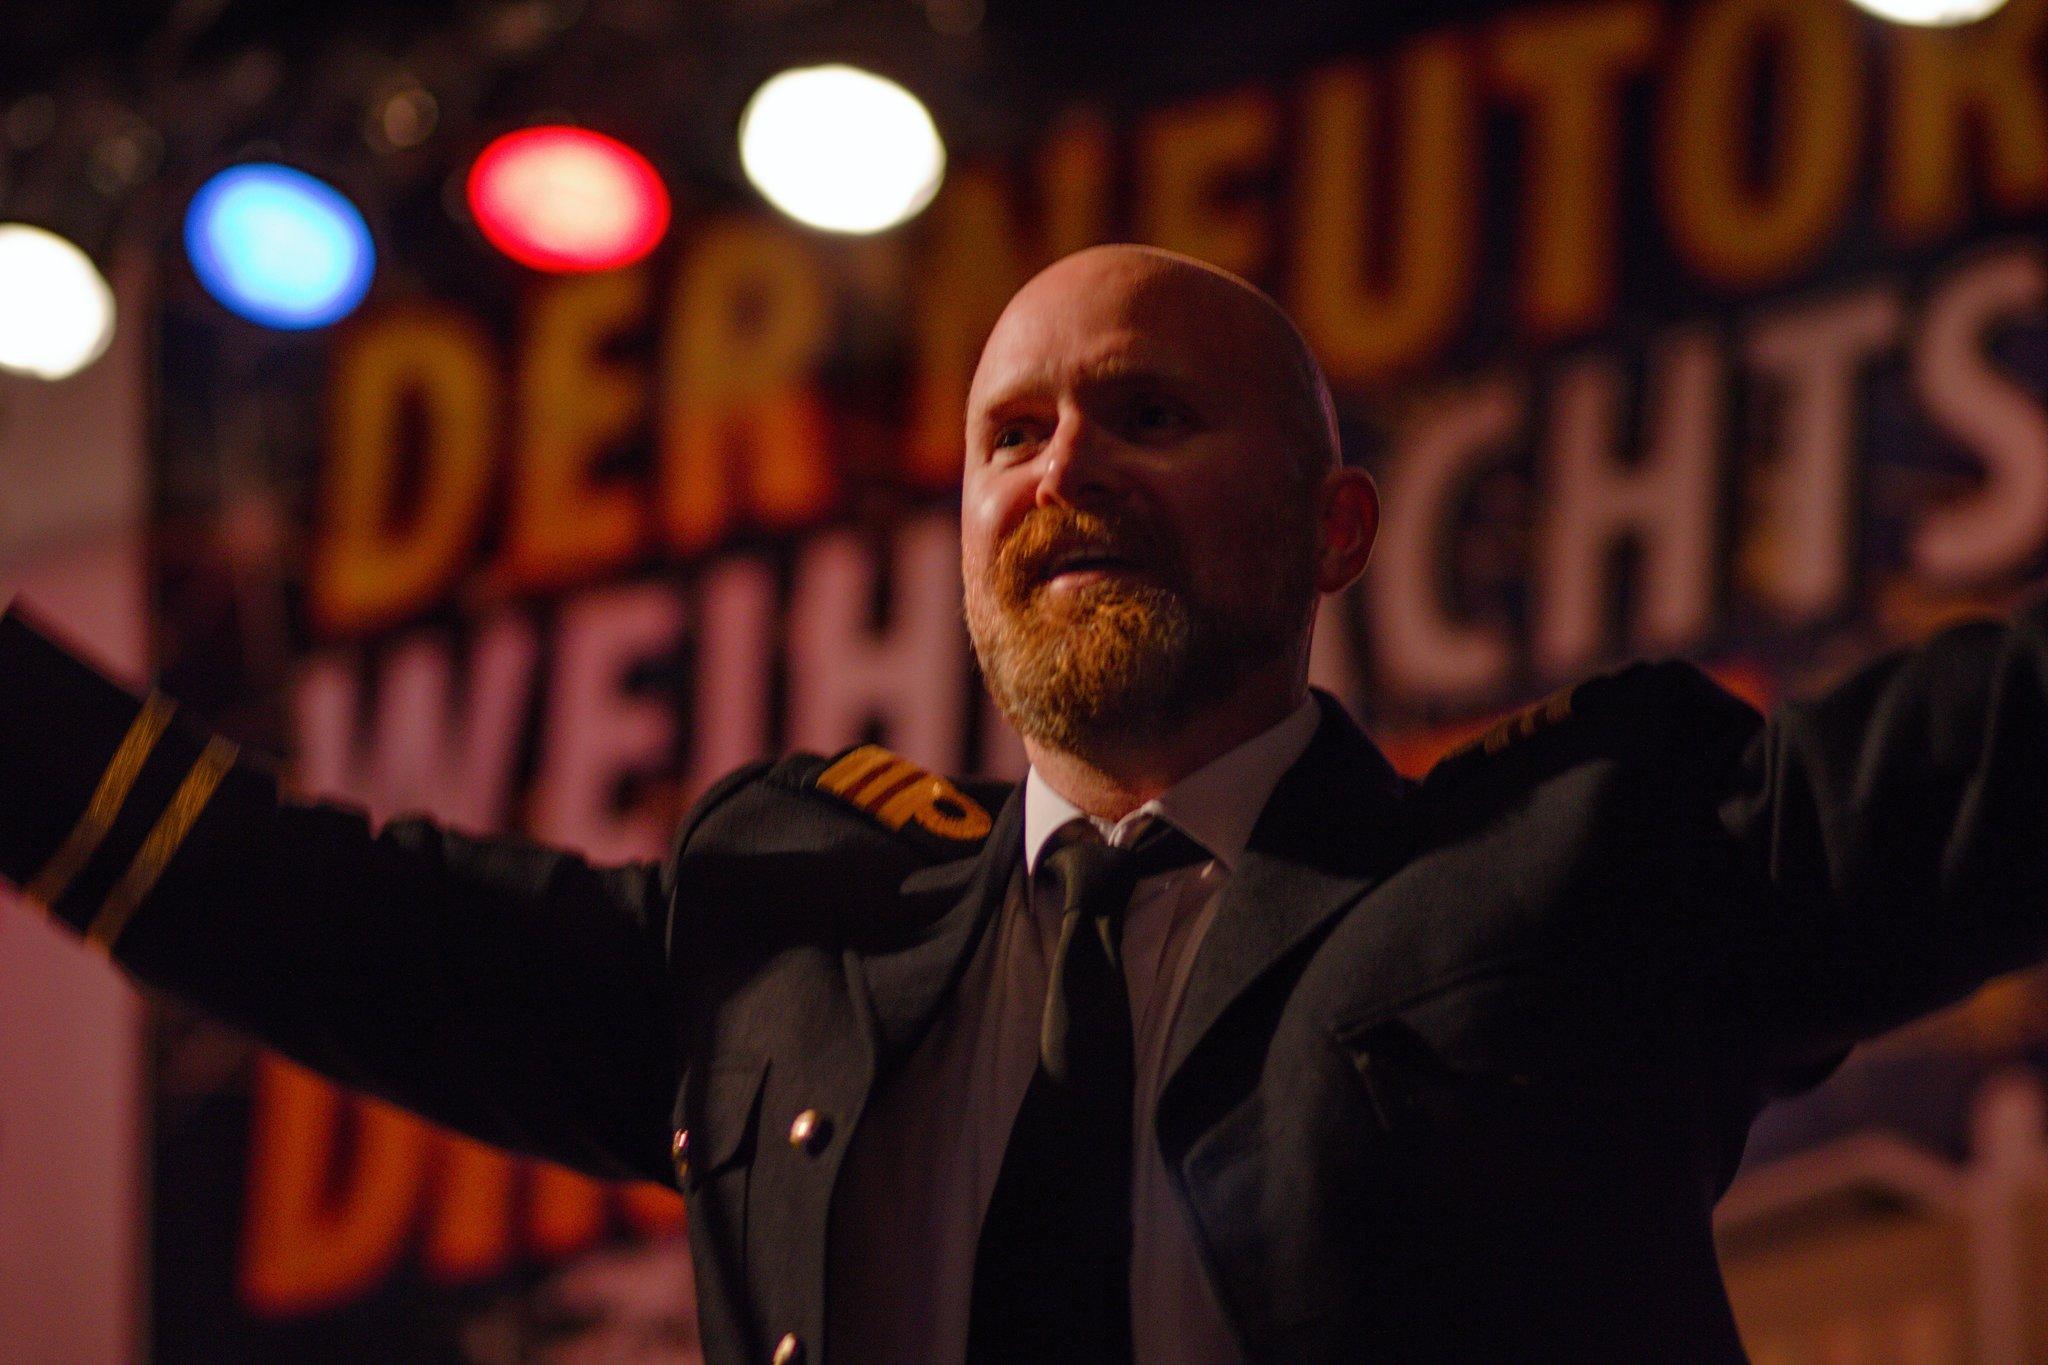 Ein Hauch von 70er Jahre in Dinslaken: Captain Oliver Marsh entert den Neutor Weihnachtmarkt - Dinslaken - Lokalkompass.de